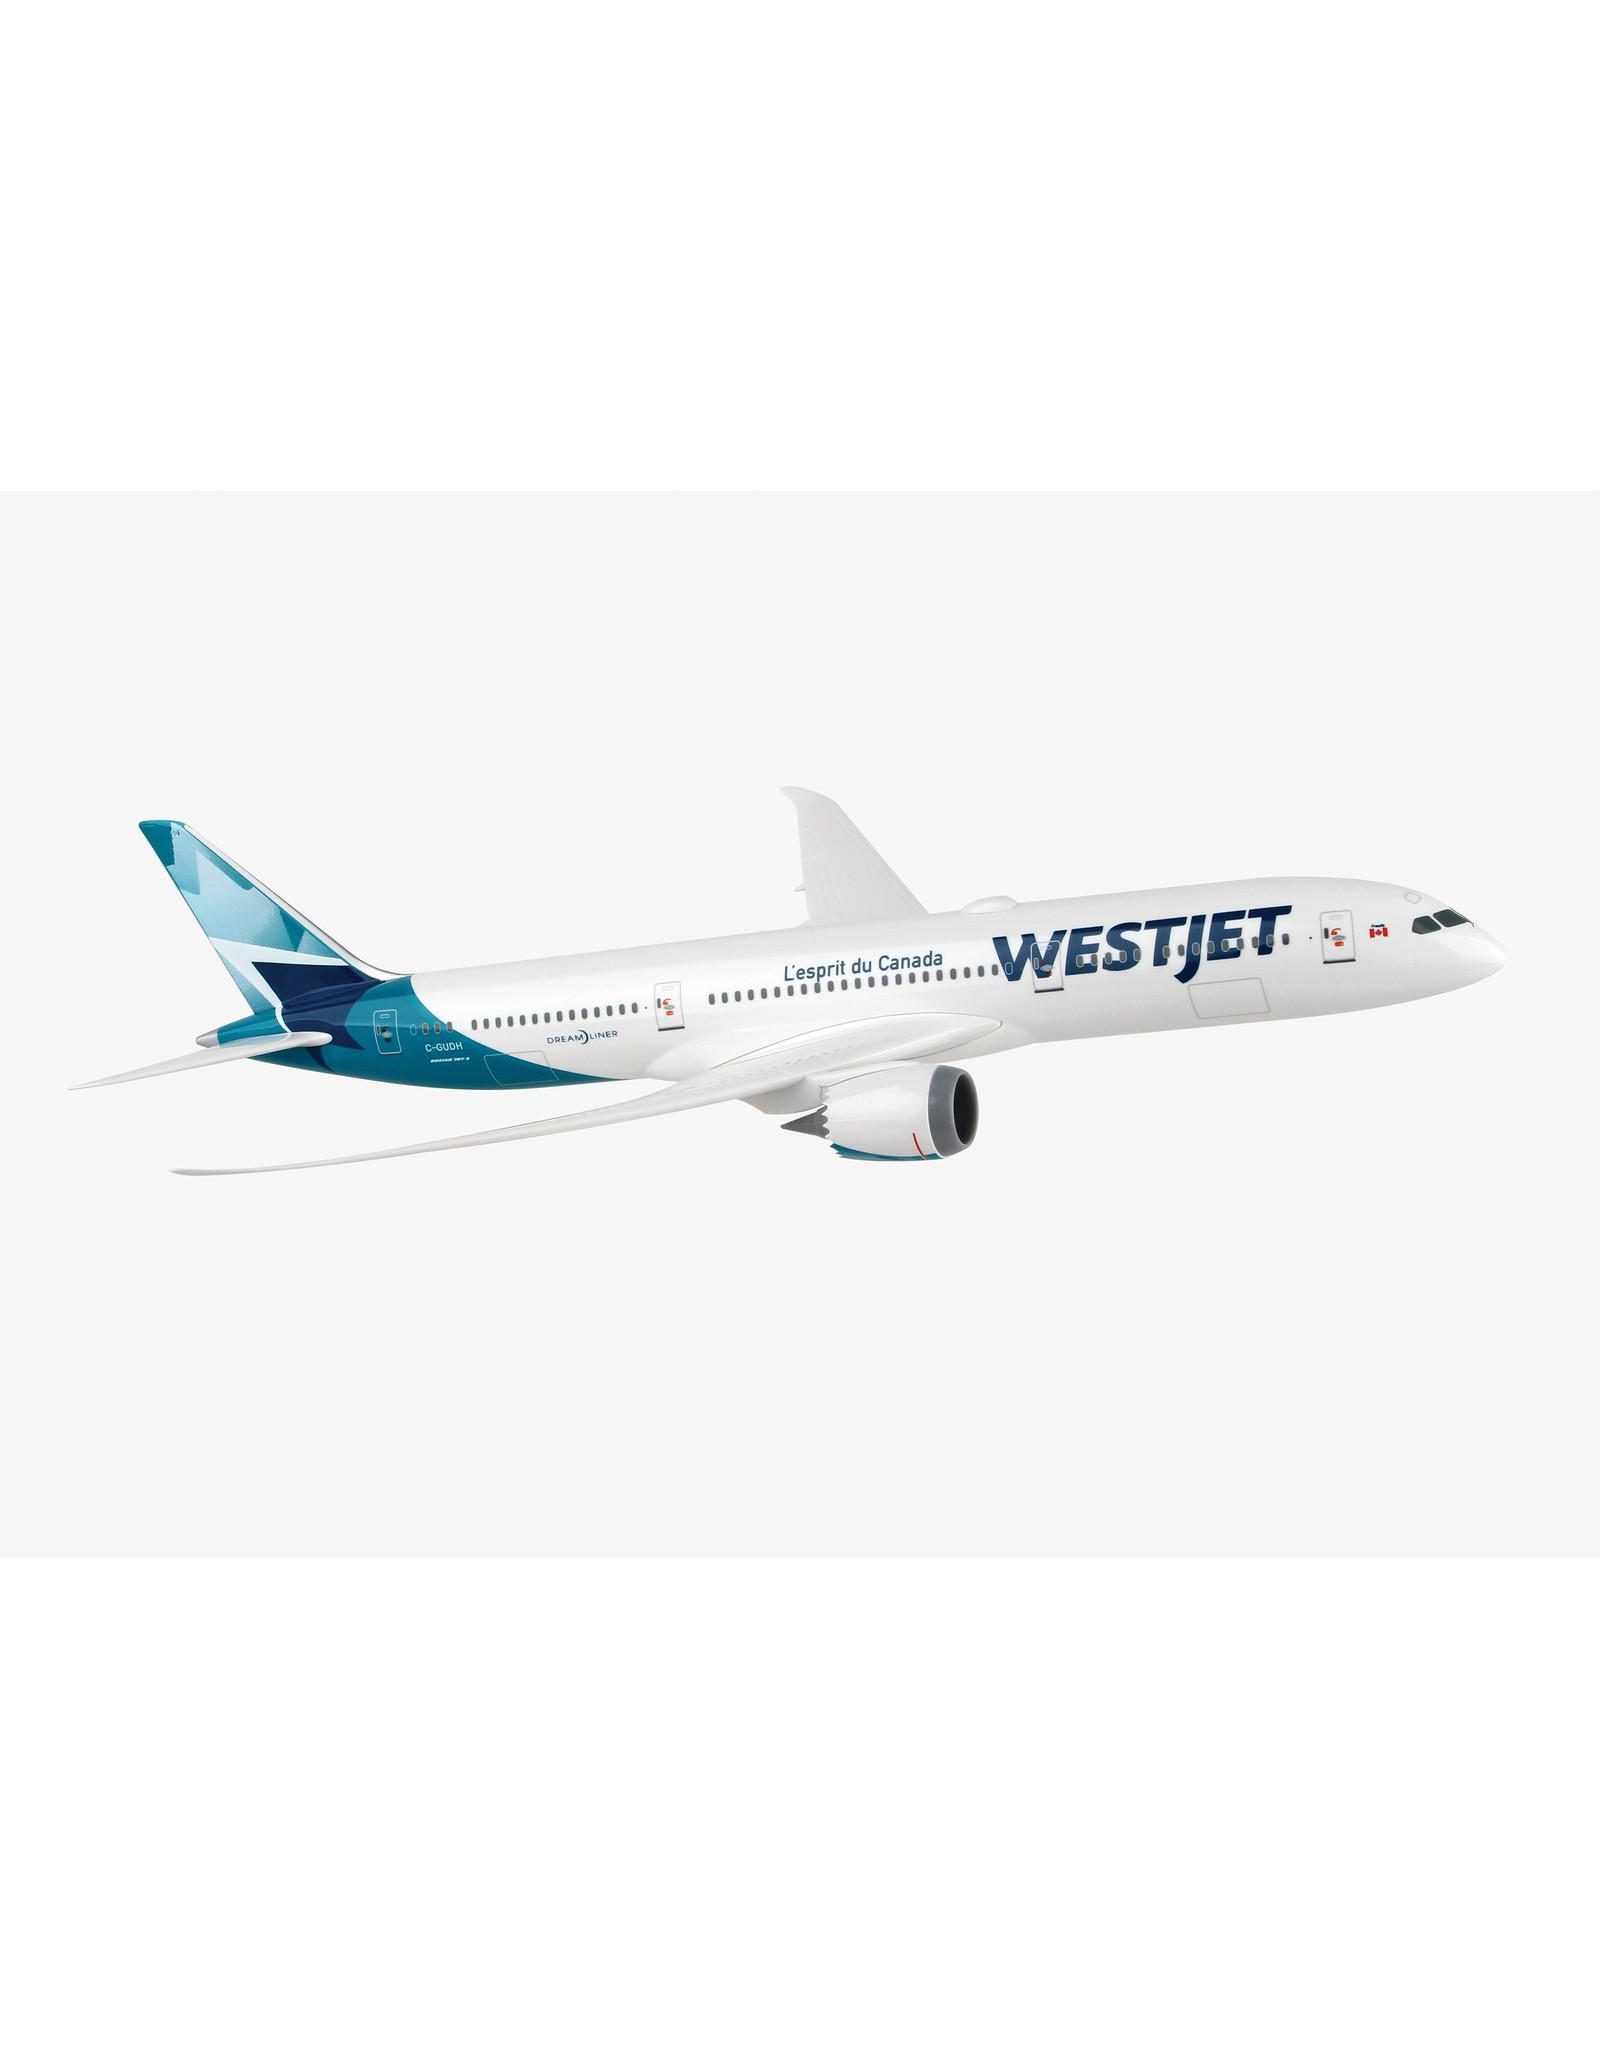 Skymarks WestJet 787-9